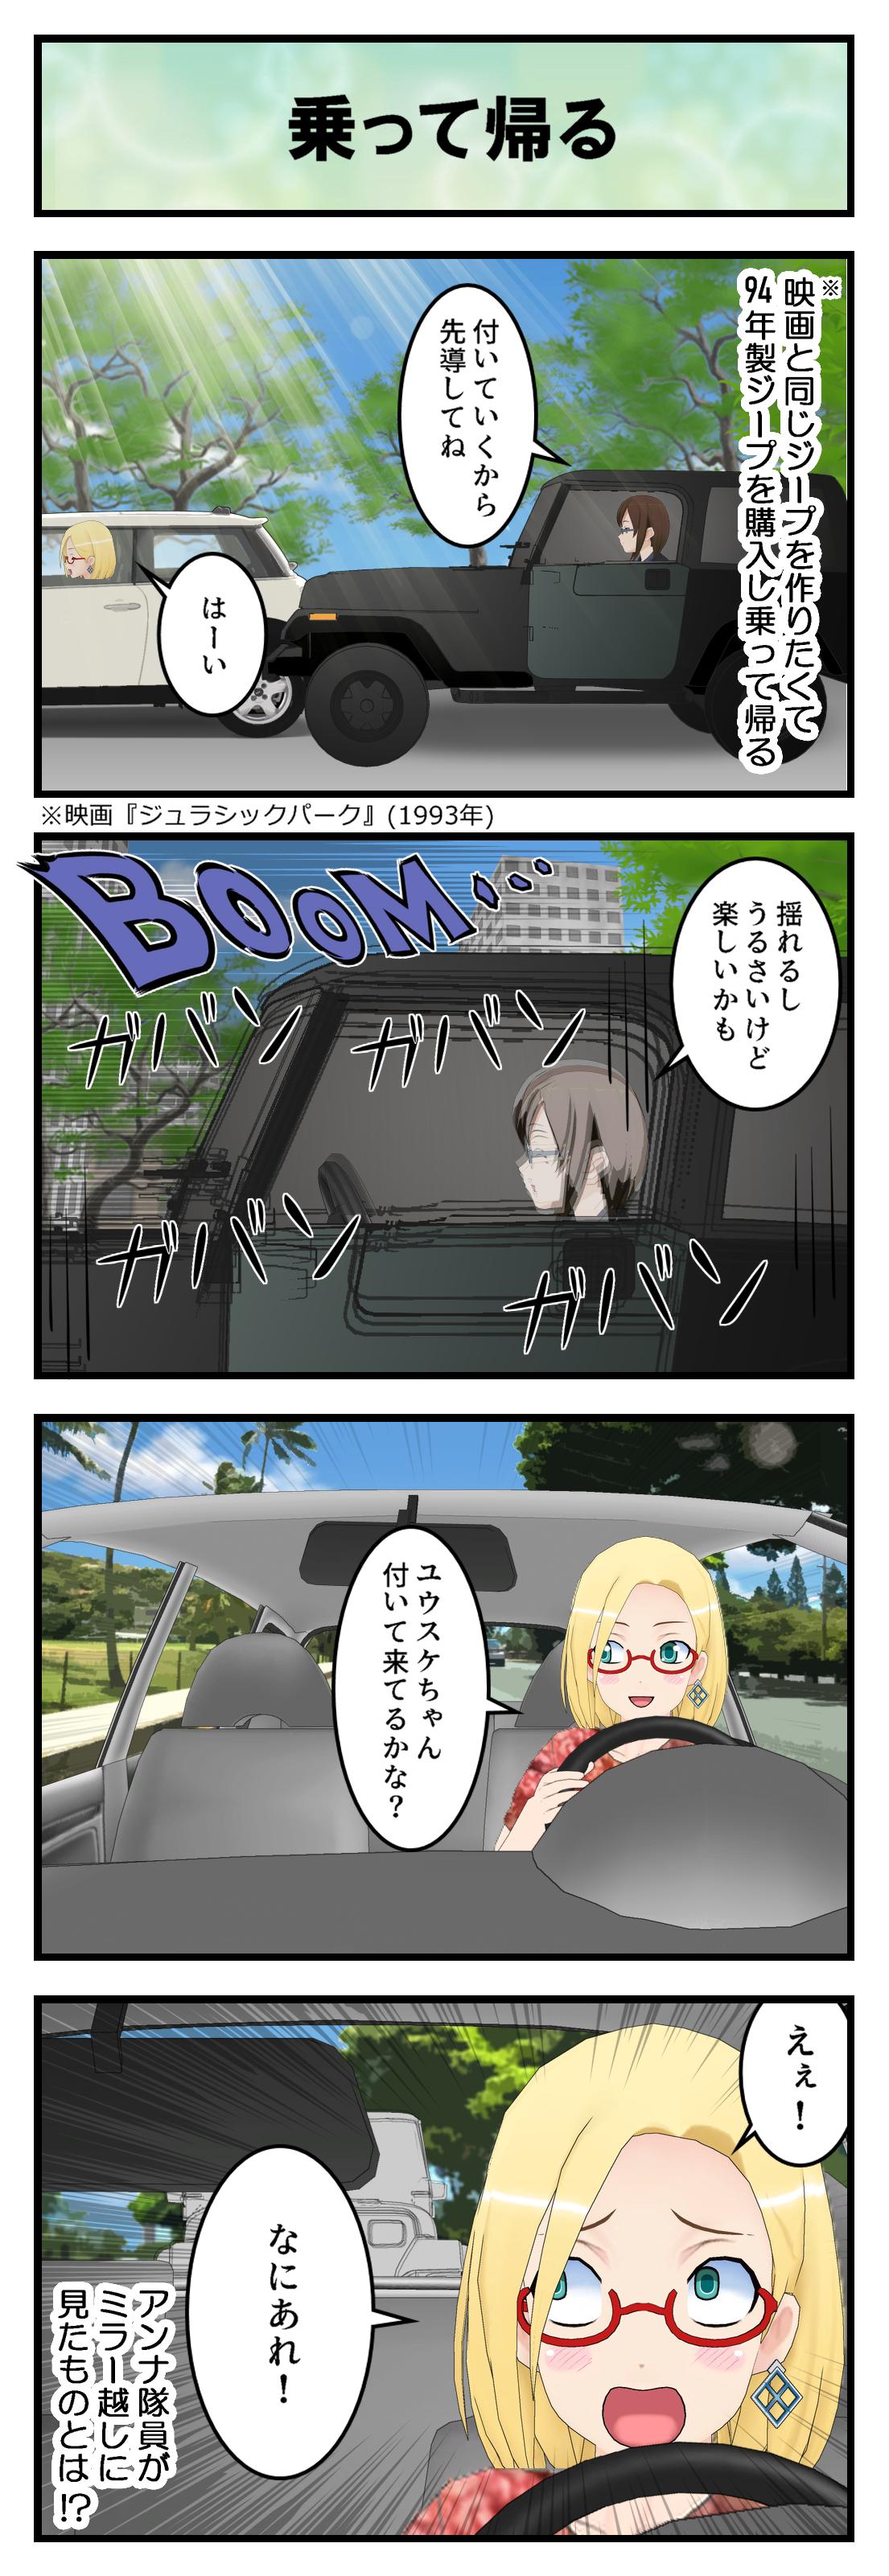 R701_帰り道_001